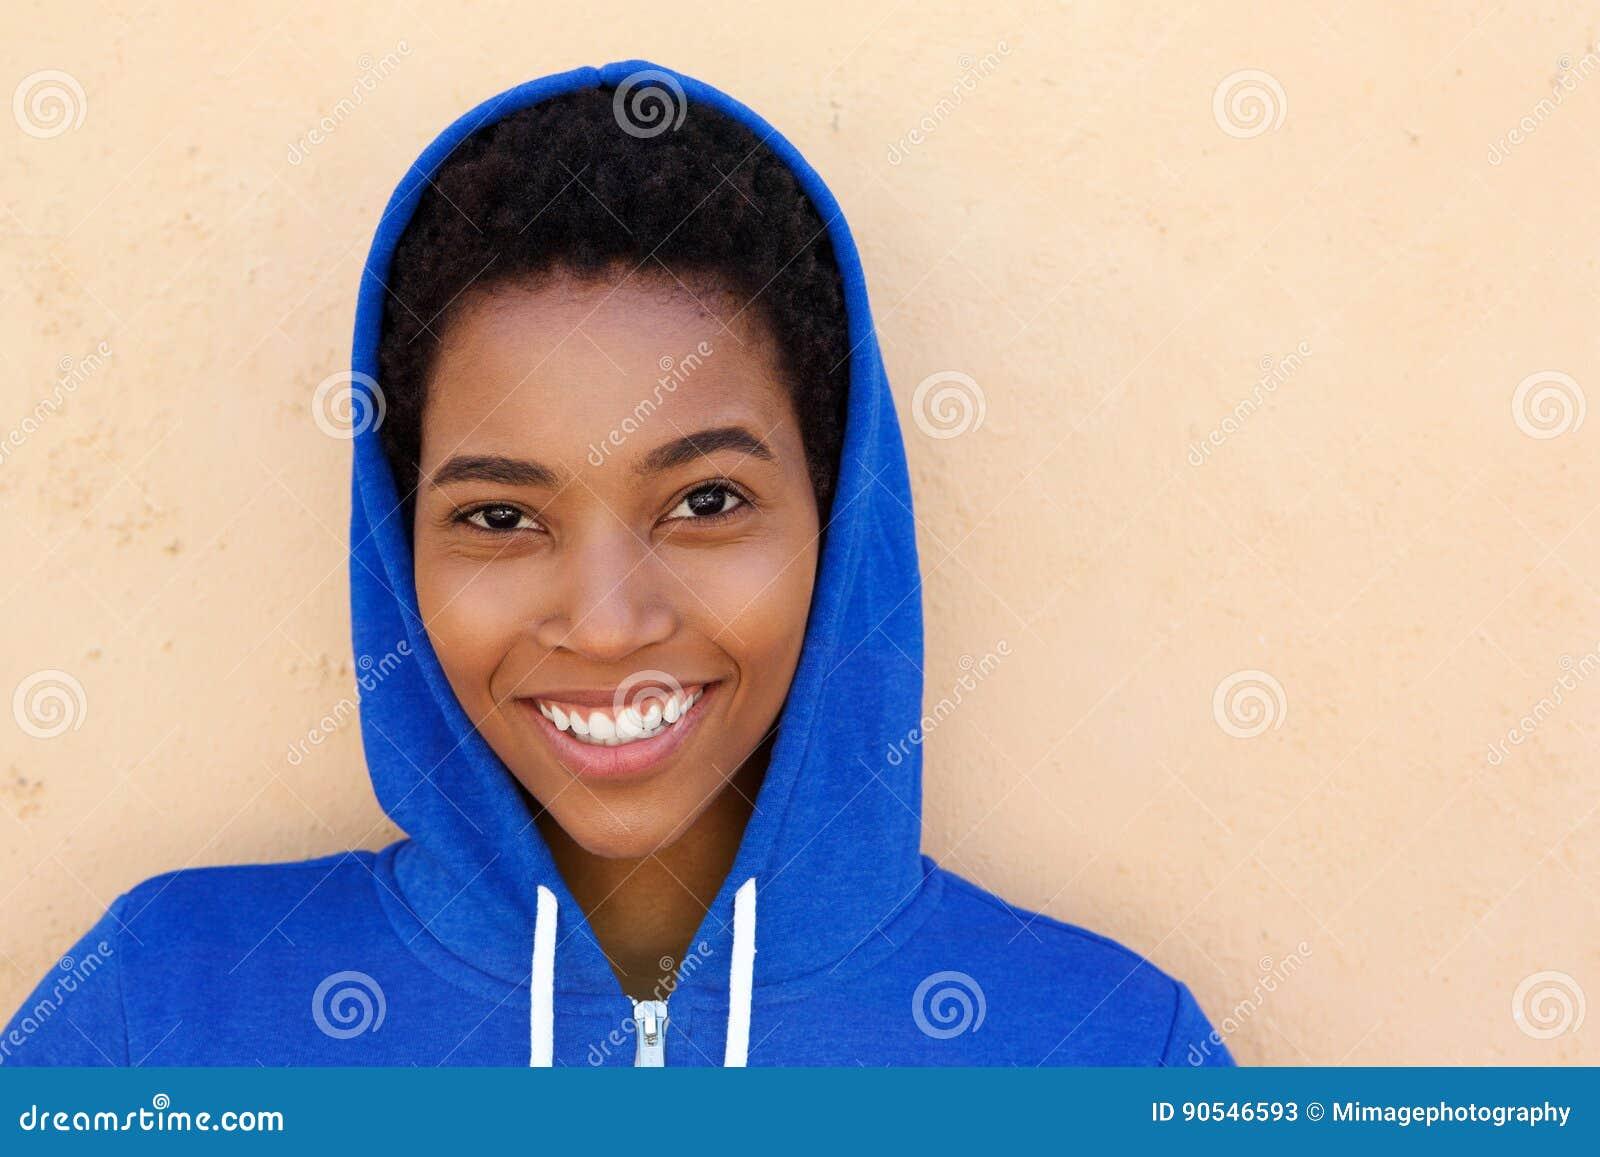 Chiuda sulla giovane donna di colore attraente con la maglia con cappuccio blu